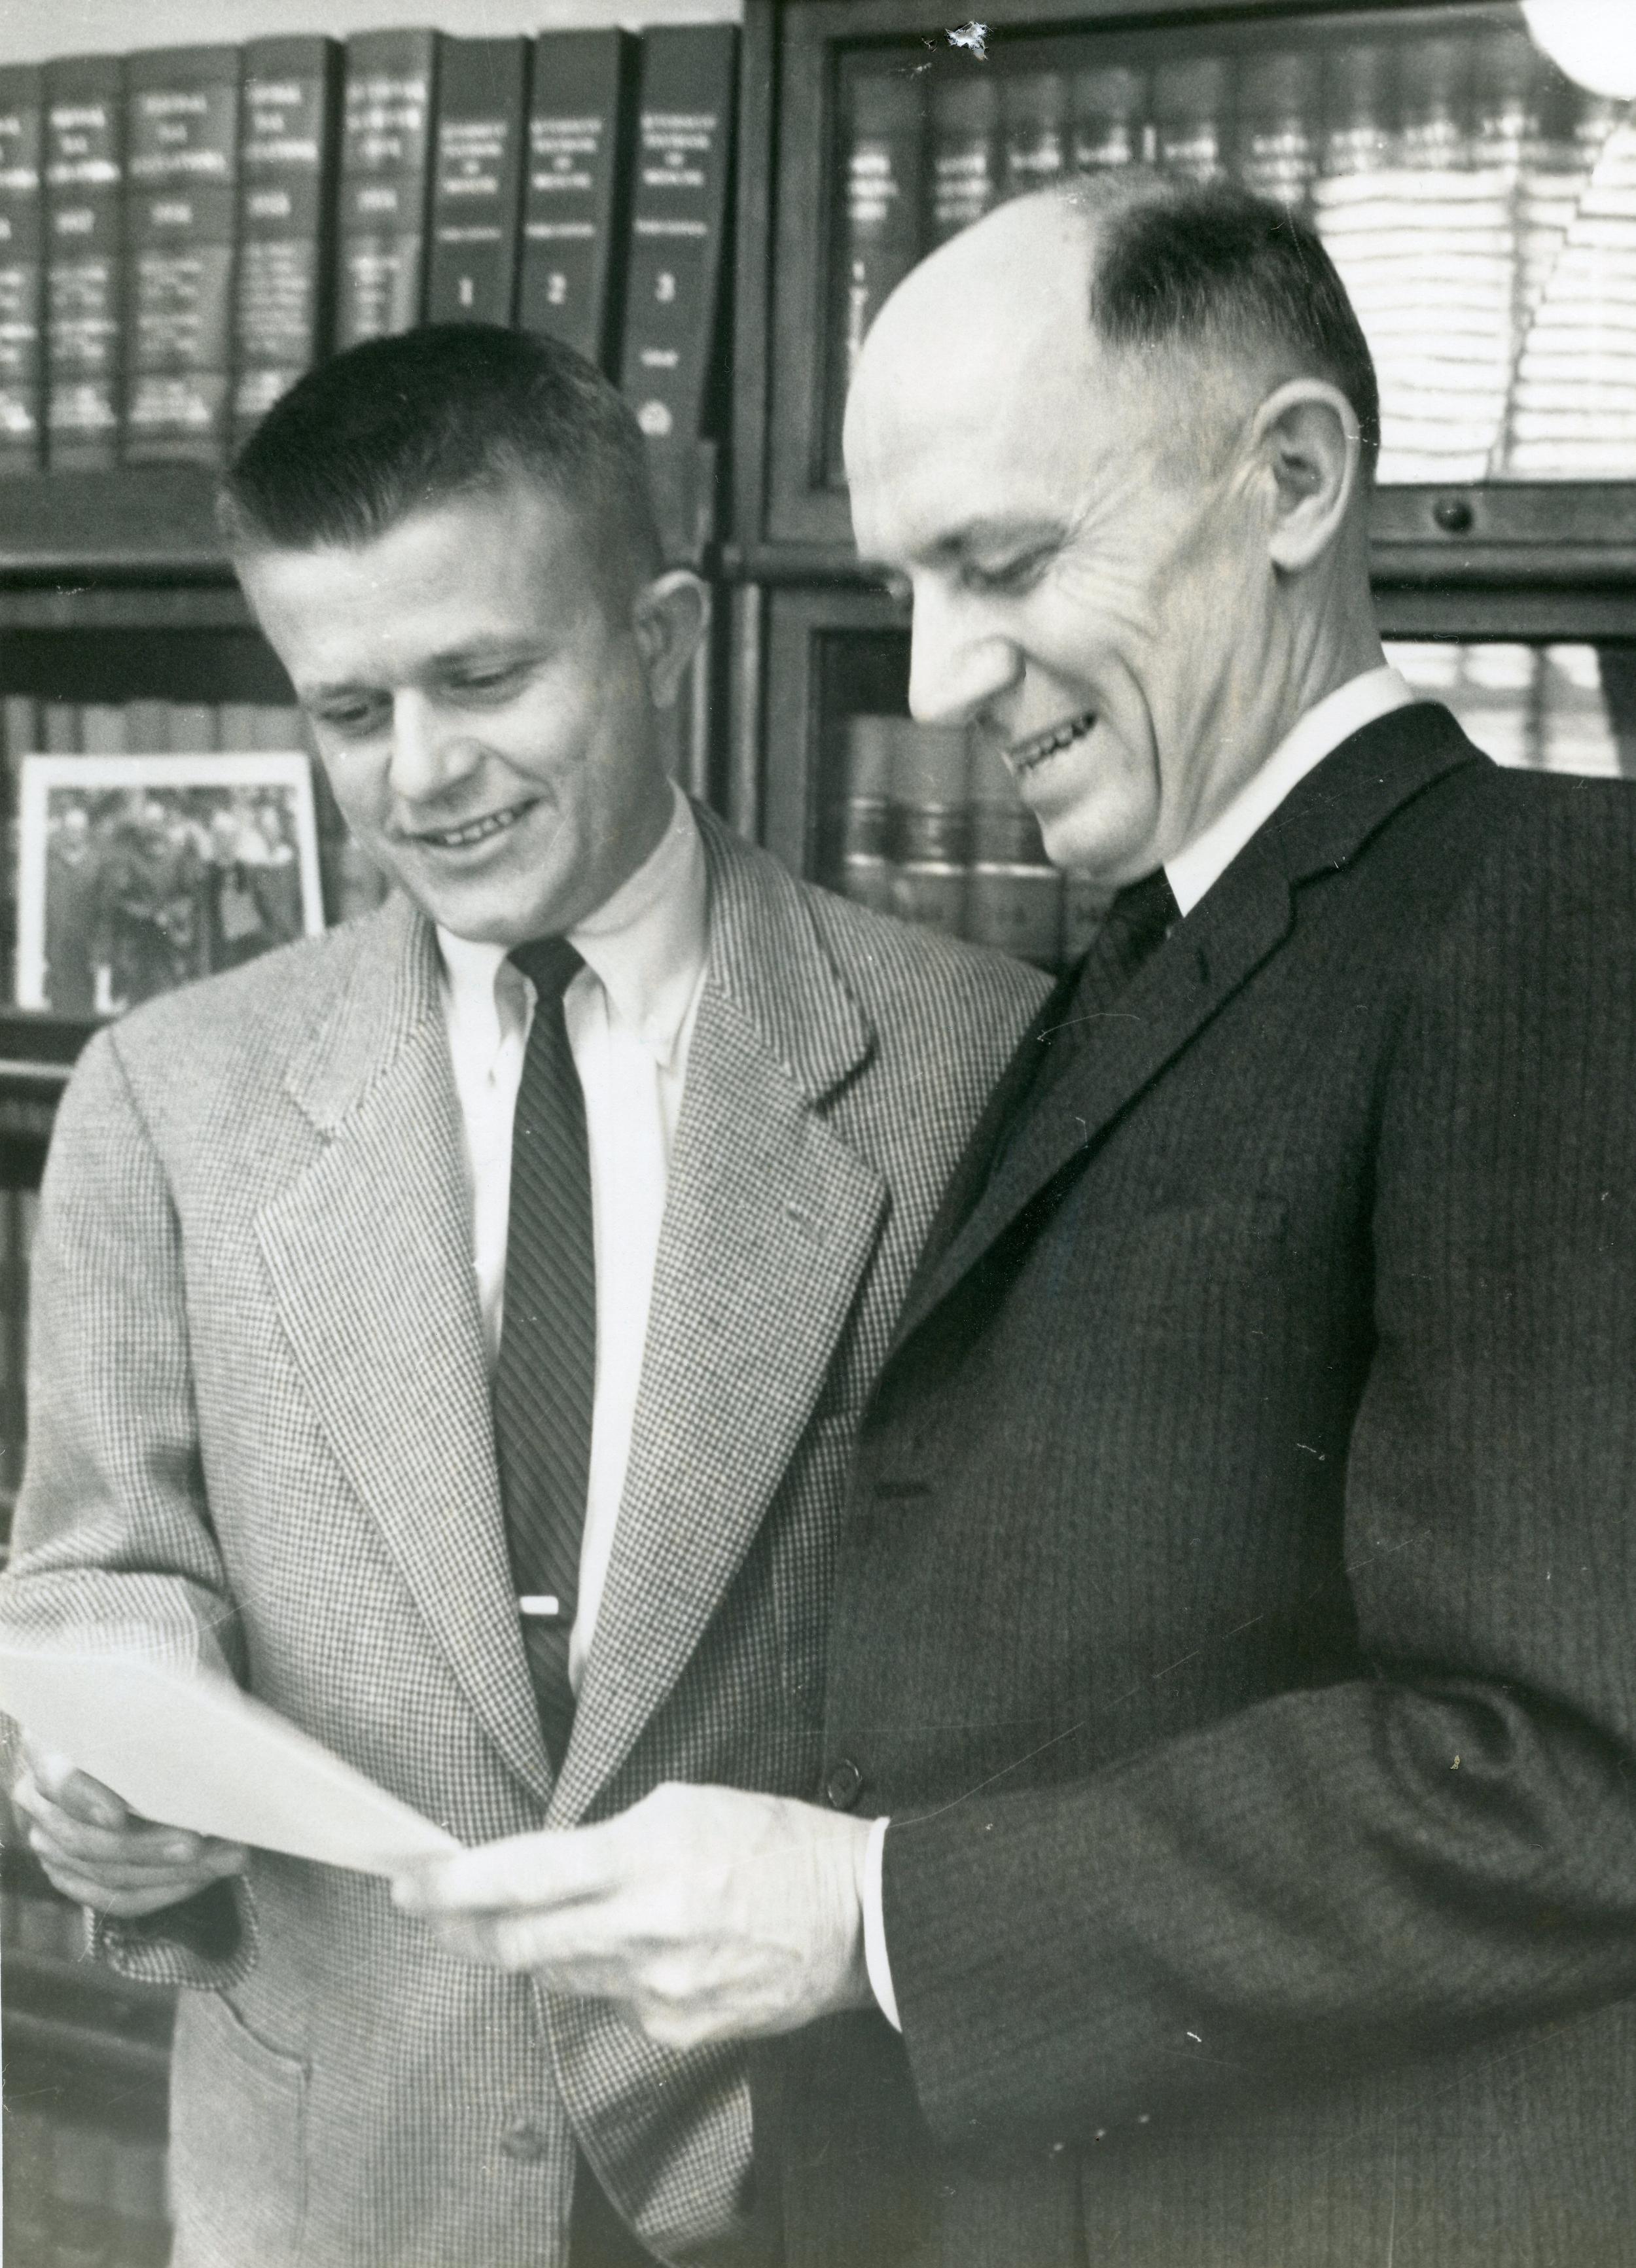 Robert Morgan and I. Beverly Lake, Sr.